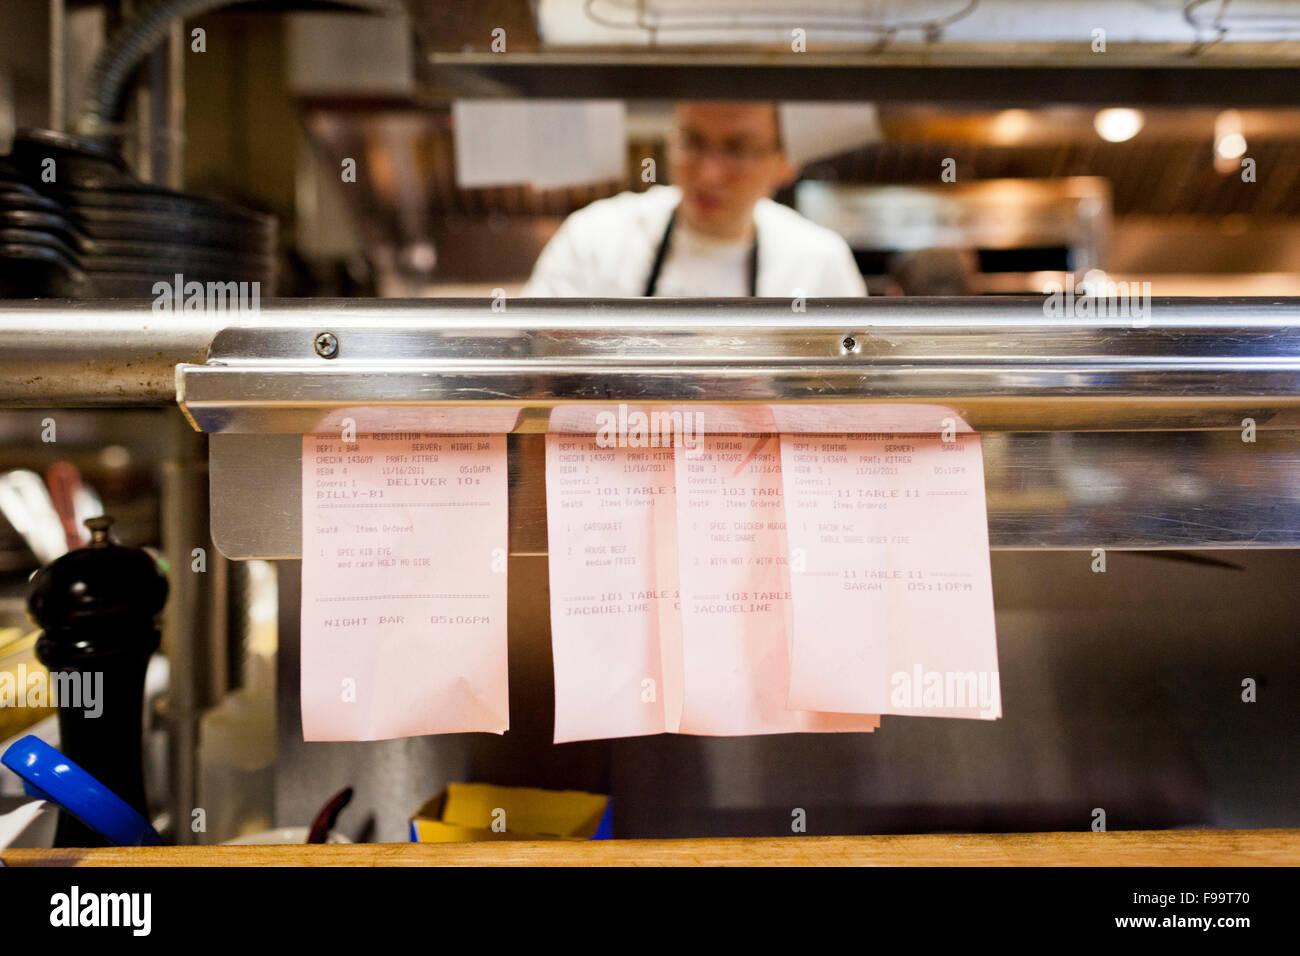 Restaurant Kitchen Order Display